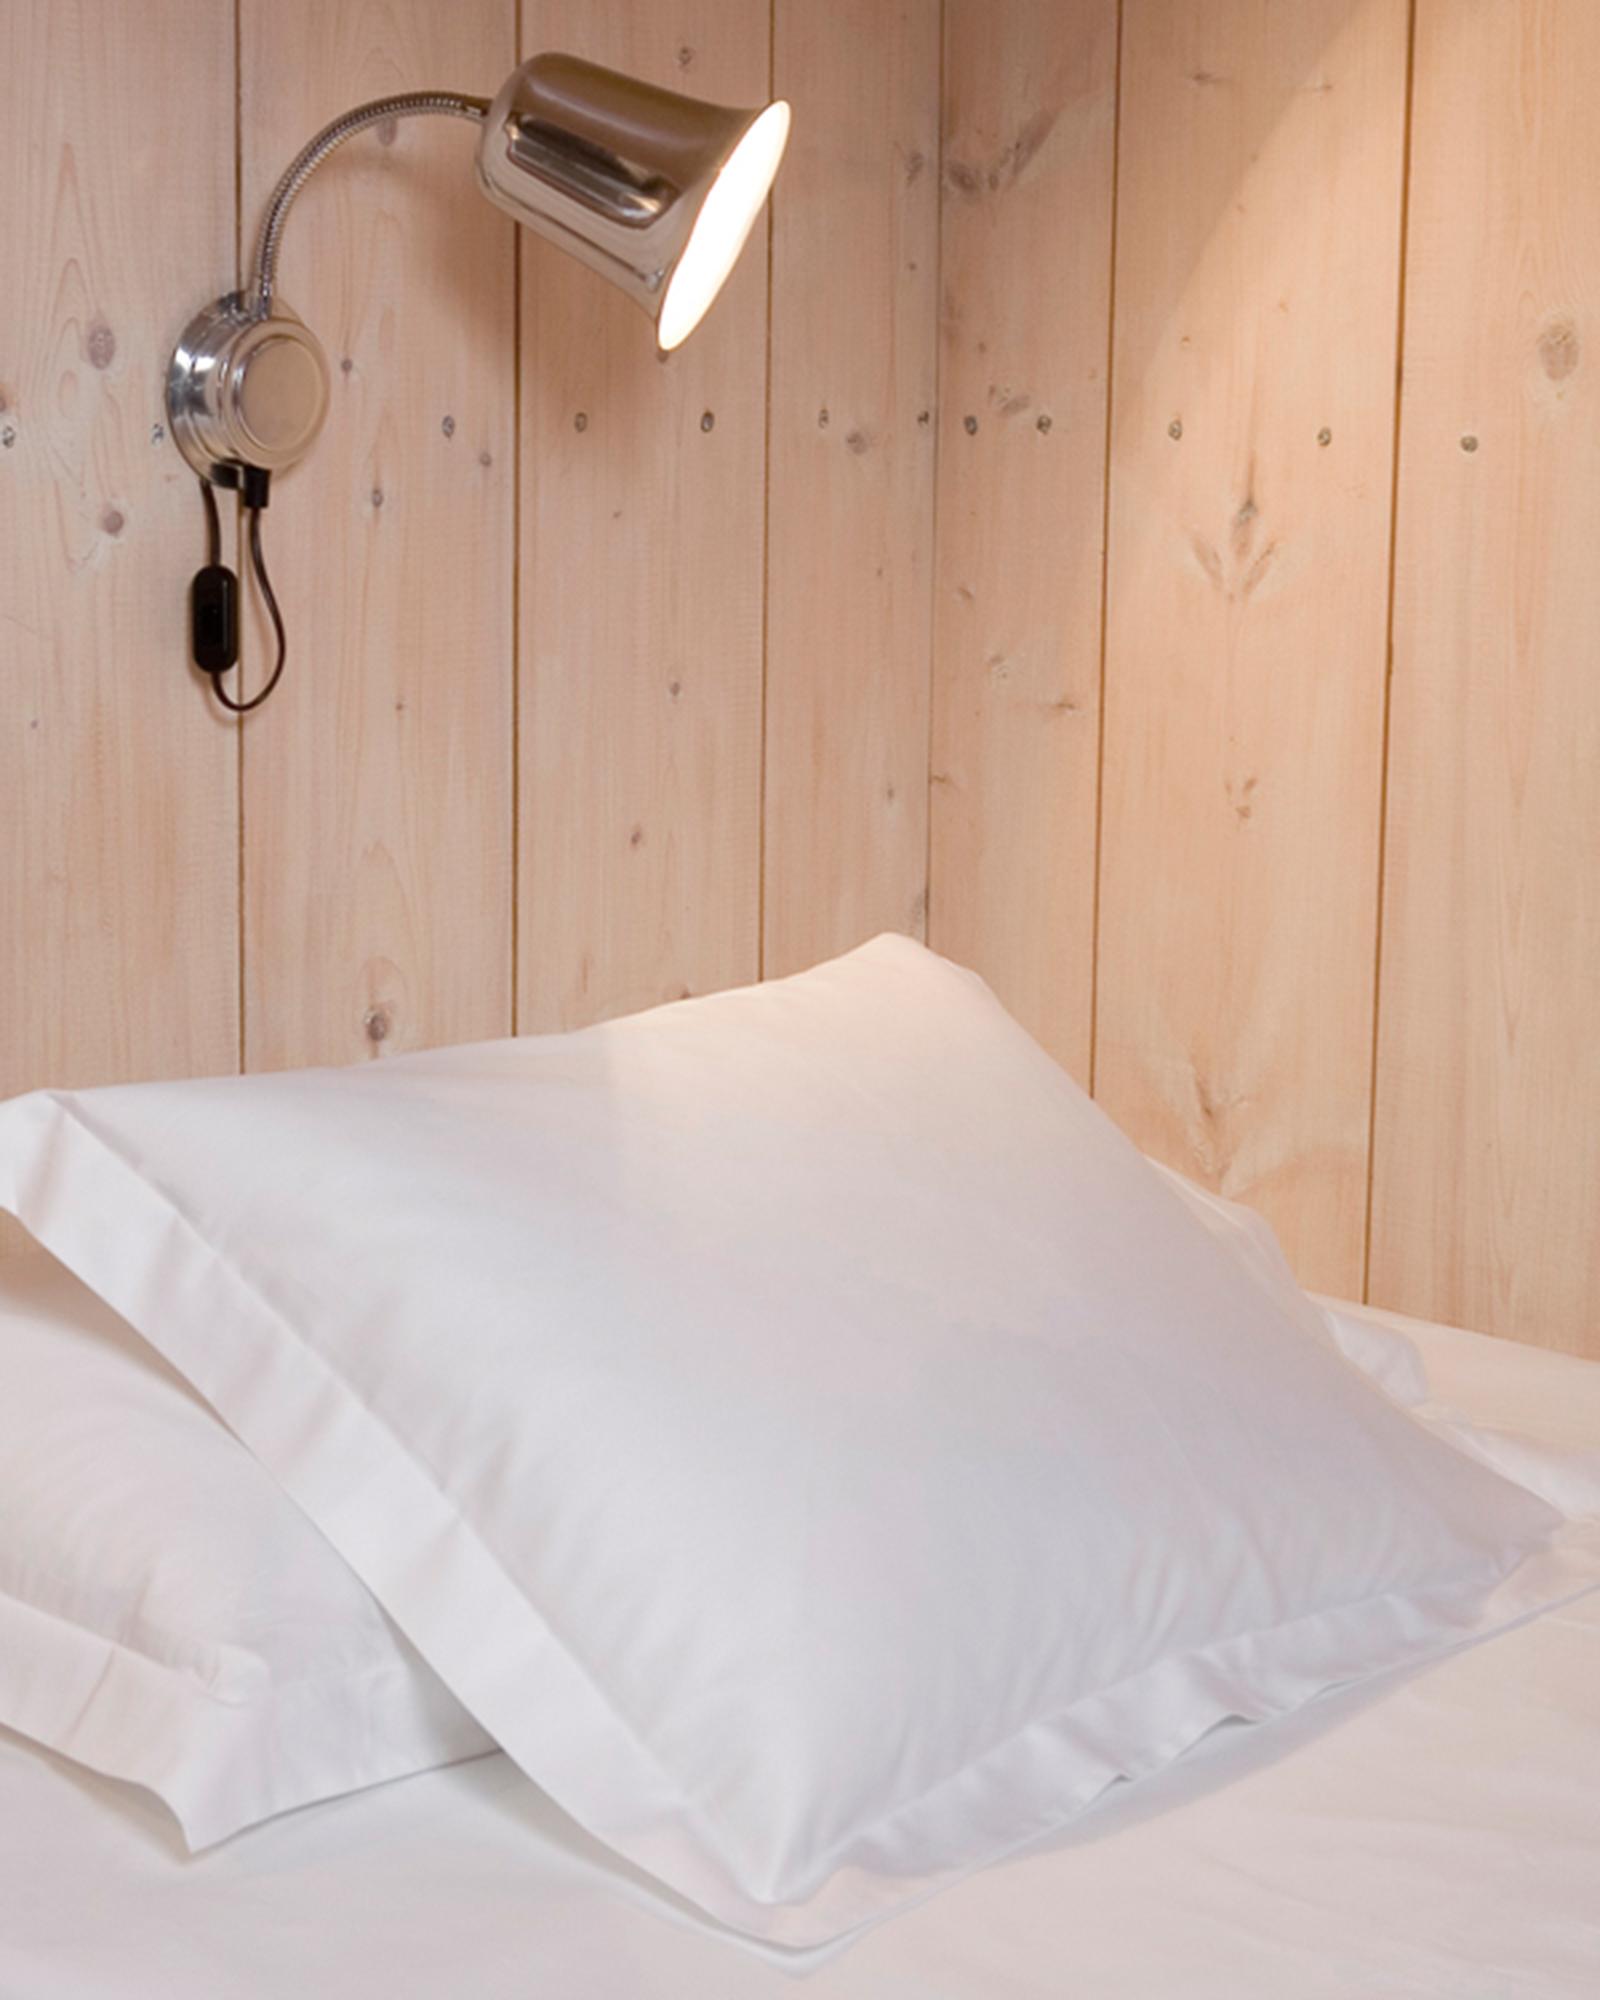 Gastaldi raso sängkläder Klässbols Linneväveri vit